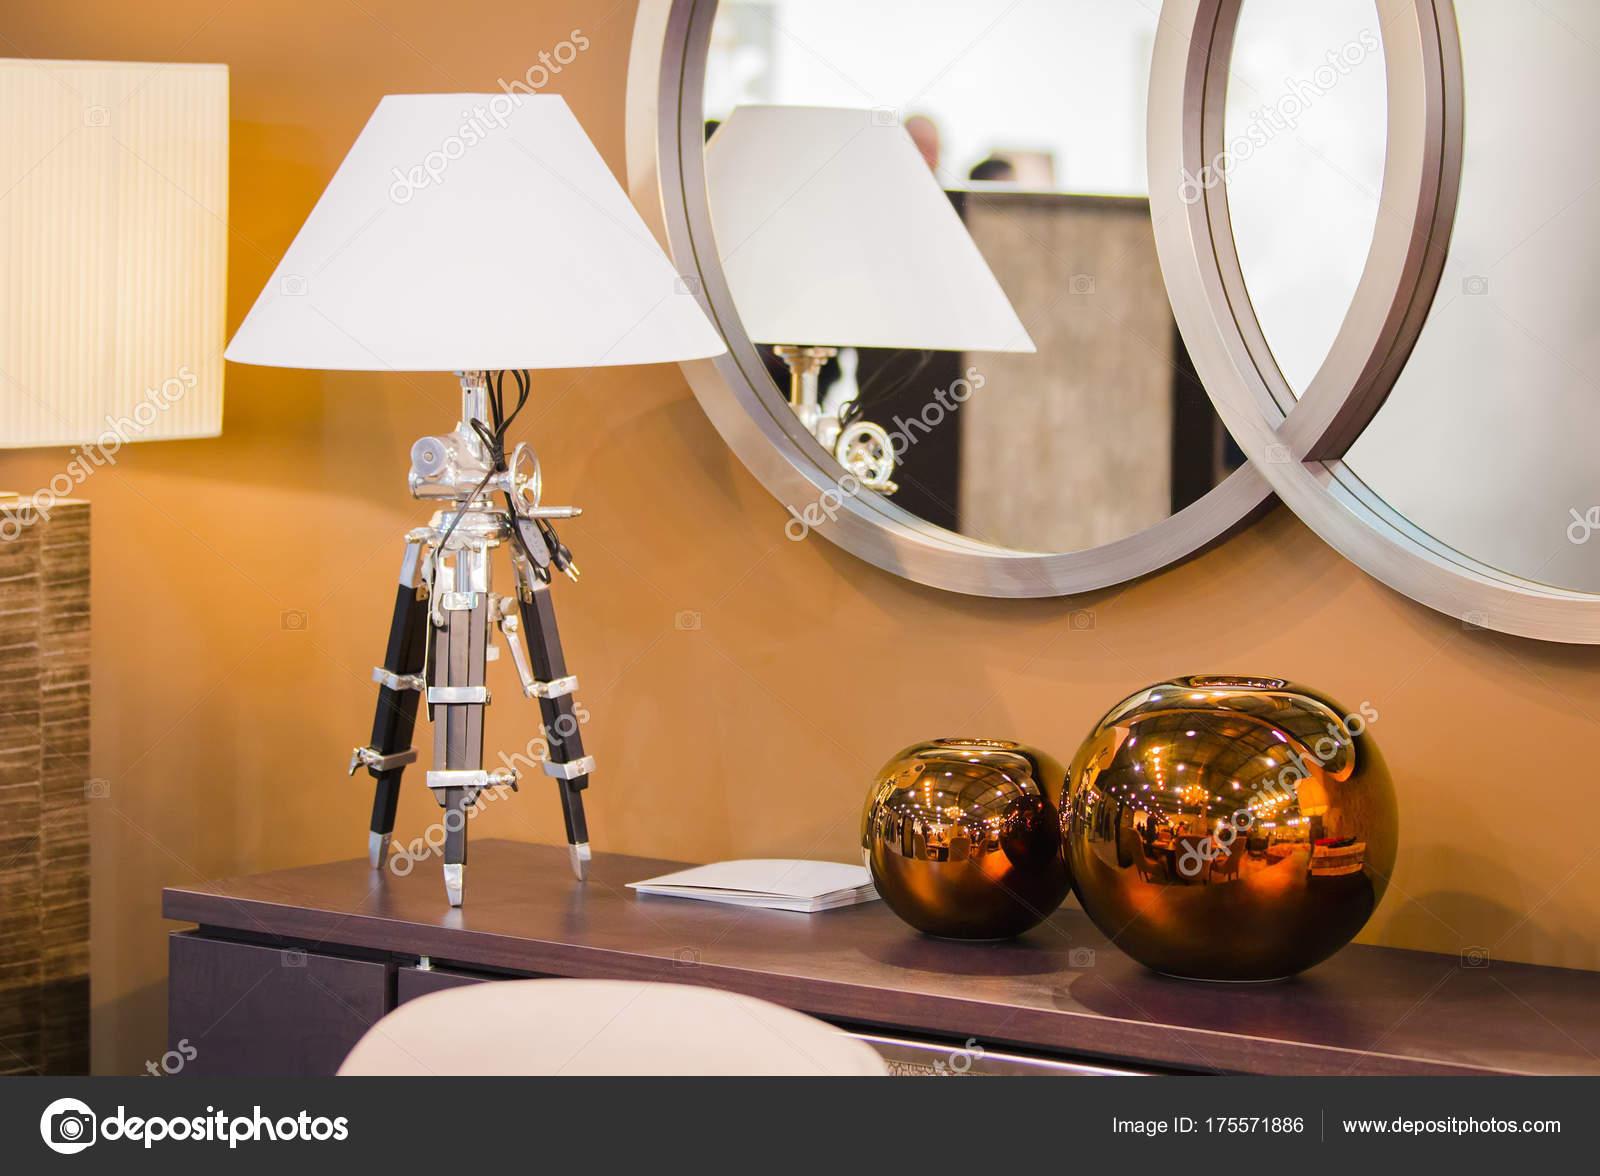 Lampada In Rame Design : Design moderno camera hest di cassetti con una lampada da tavolo